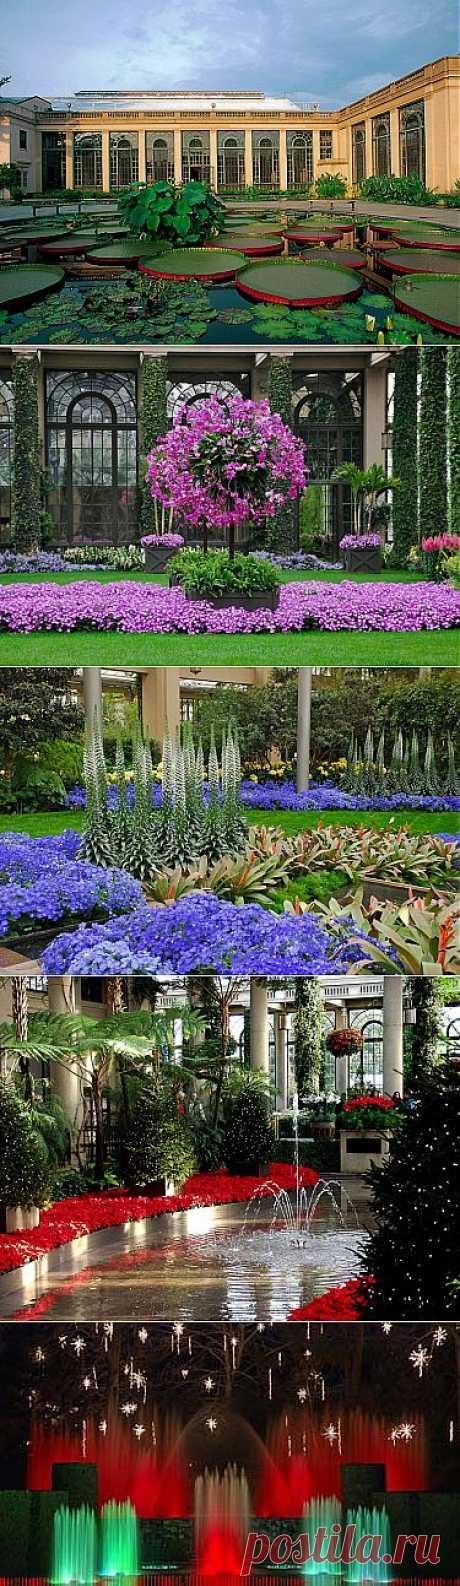 Плейкаст «✵ Райские сады Пьера Дюпона ✵»